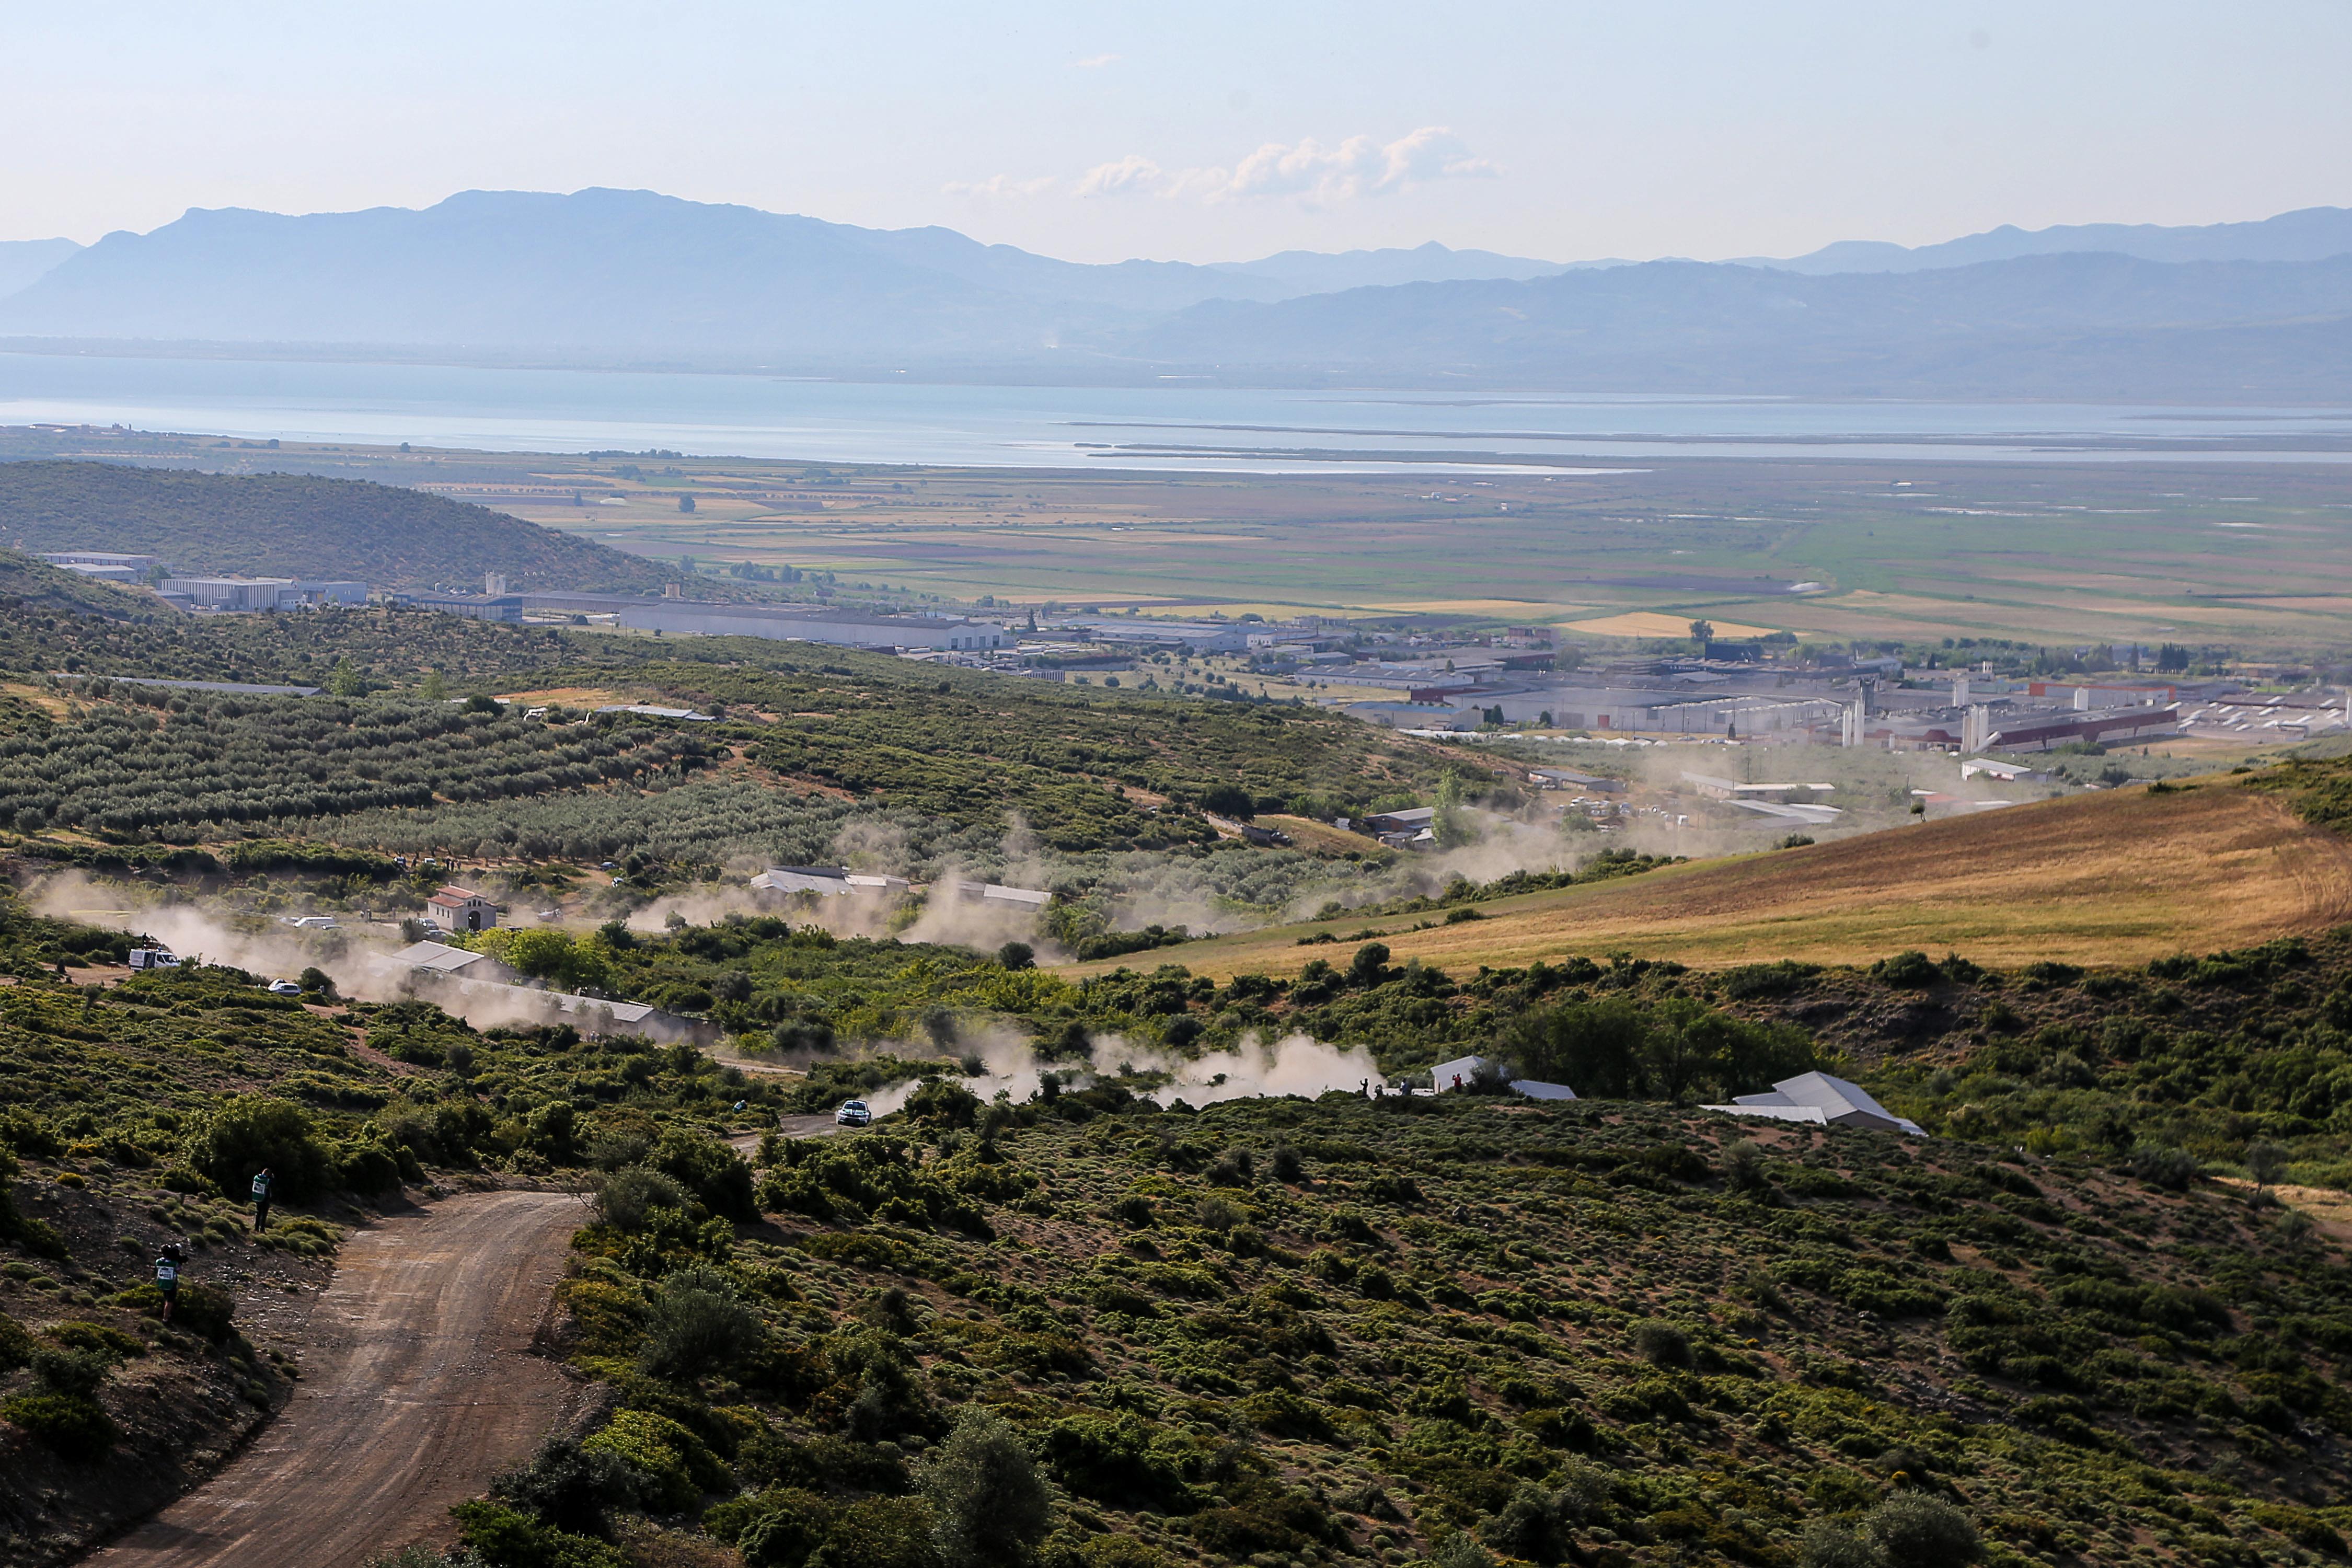 Présentation: grande histoire, gros défi – le Rallye EKO de l'Acropole met les stars à l'épreuve en Grèce